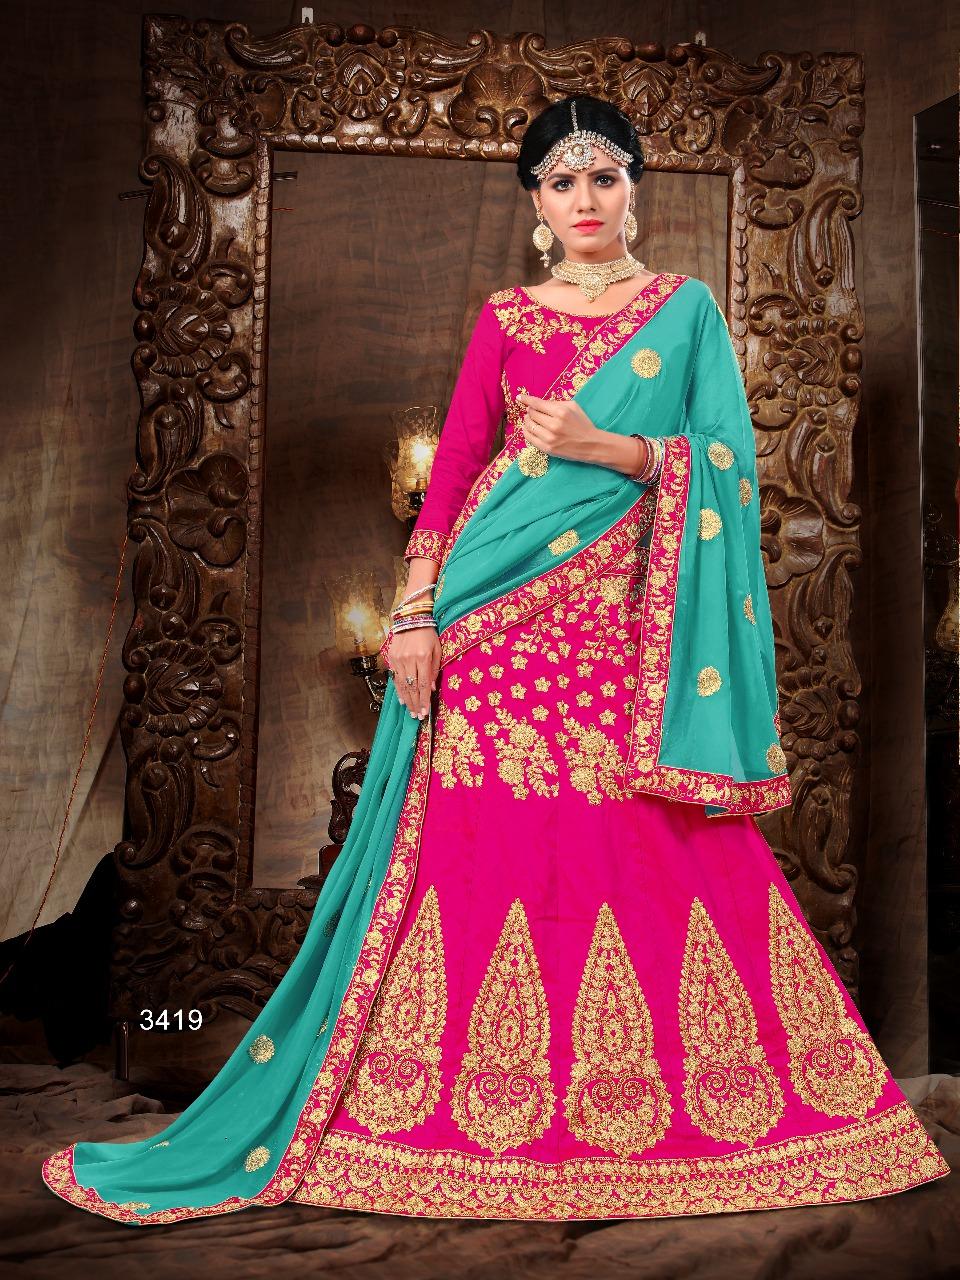 Sanskar Style Majestic 3419